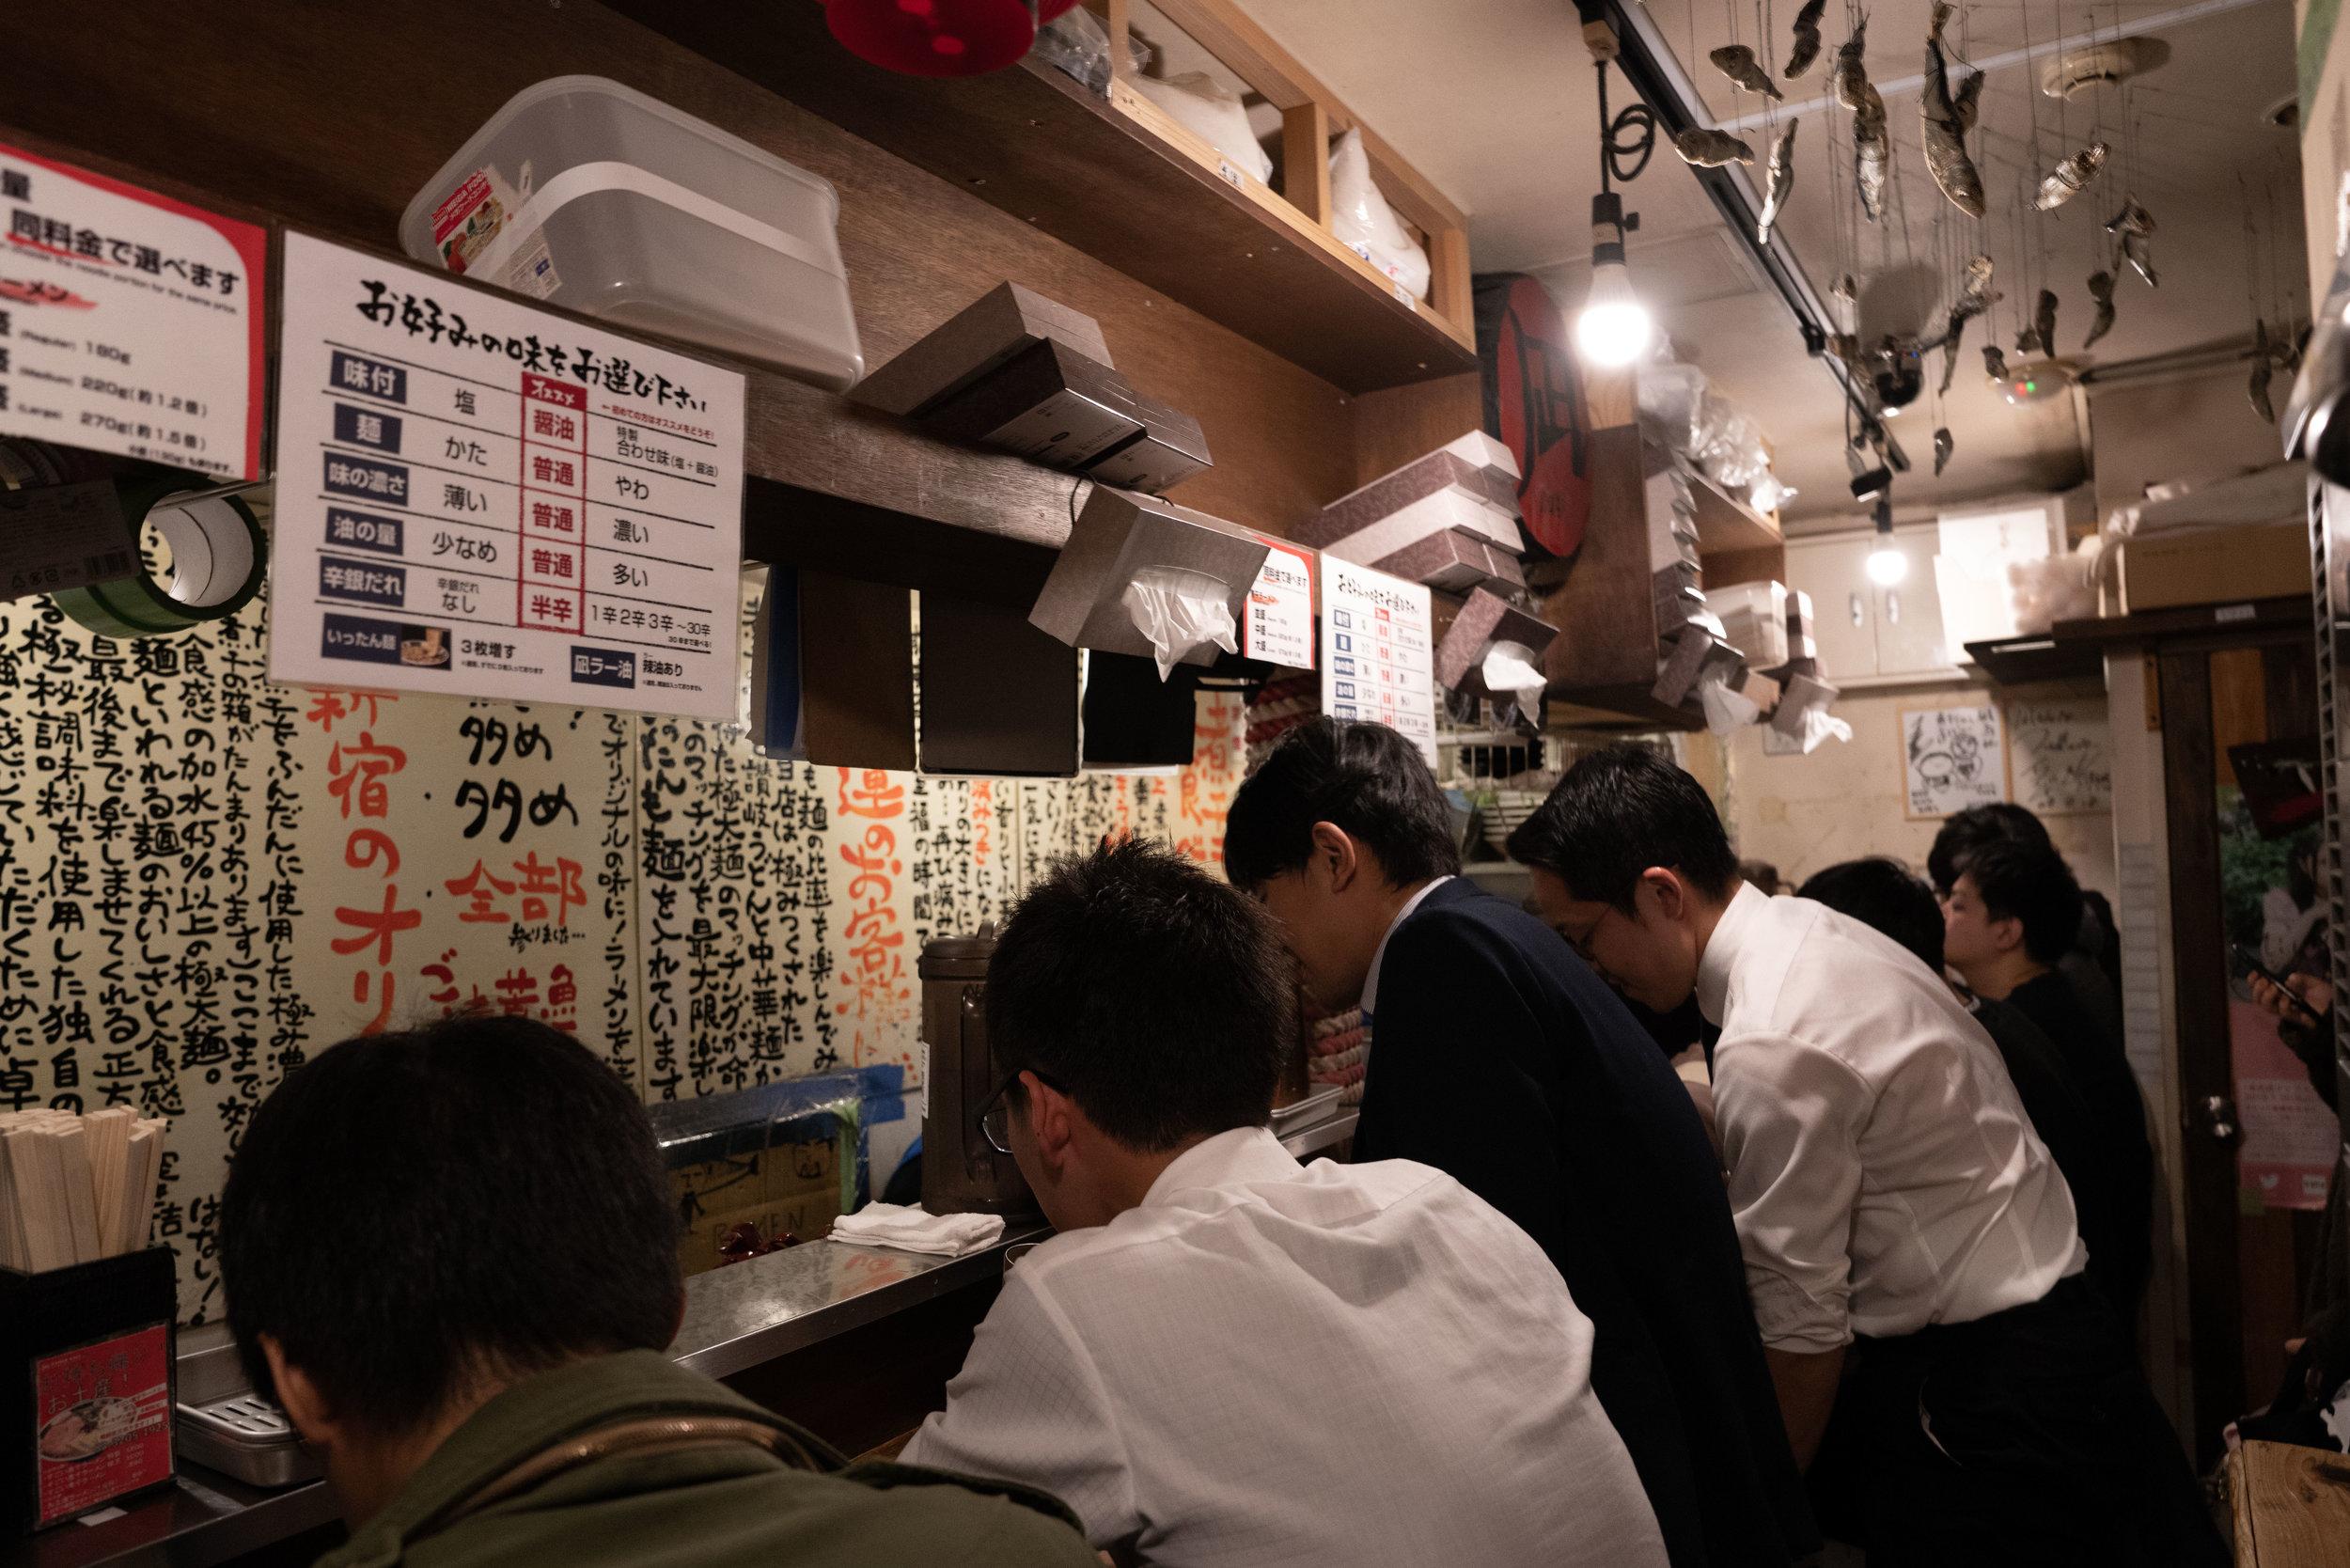 tokyo-golden-gai-ramen-CKS07234.jpg